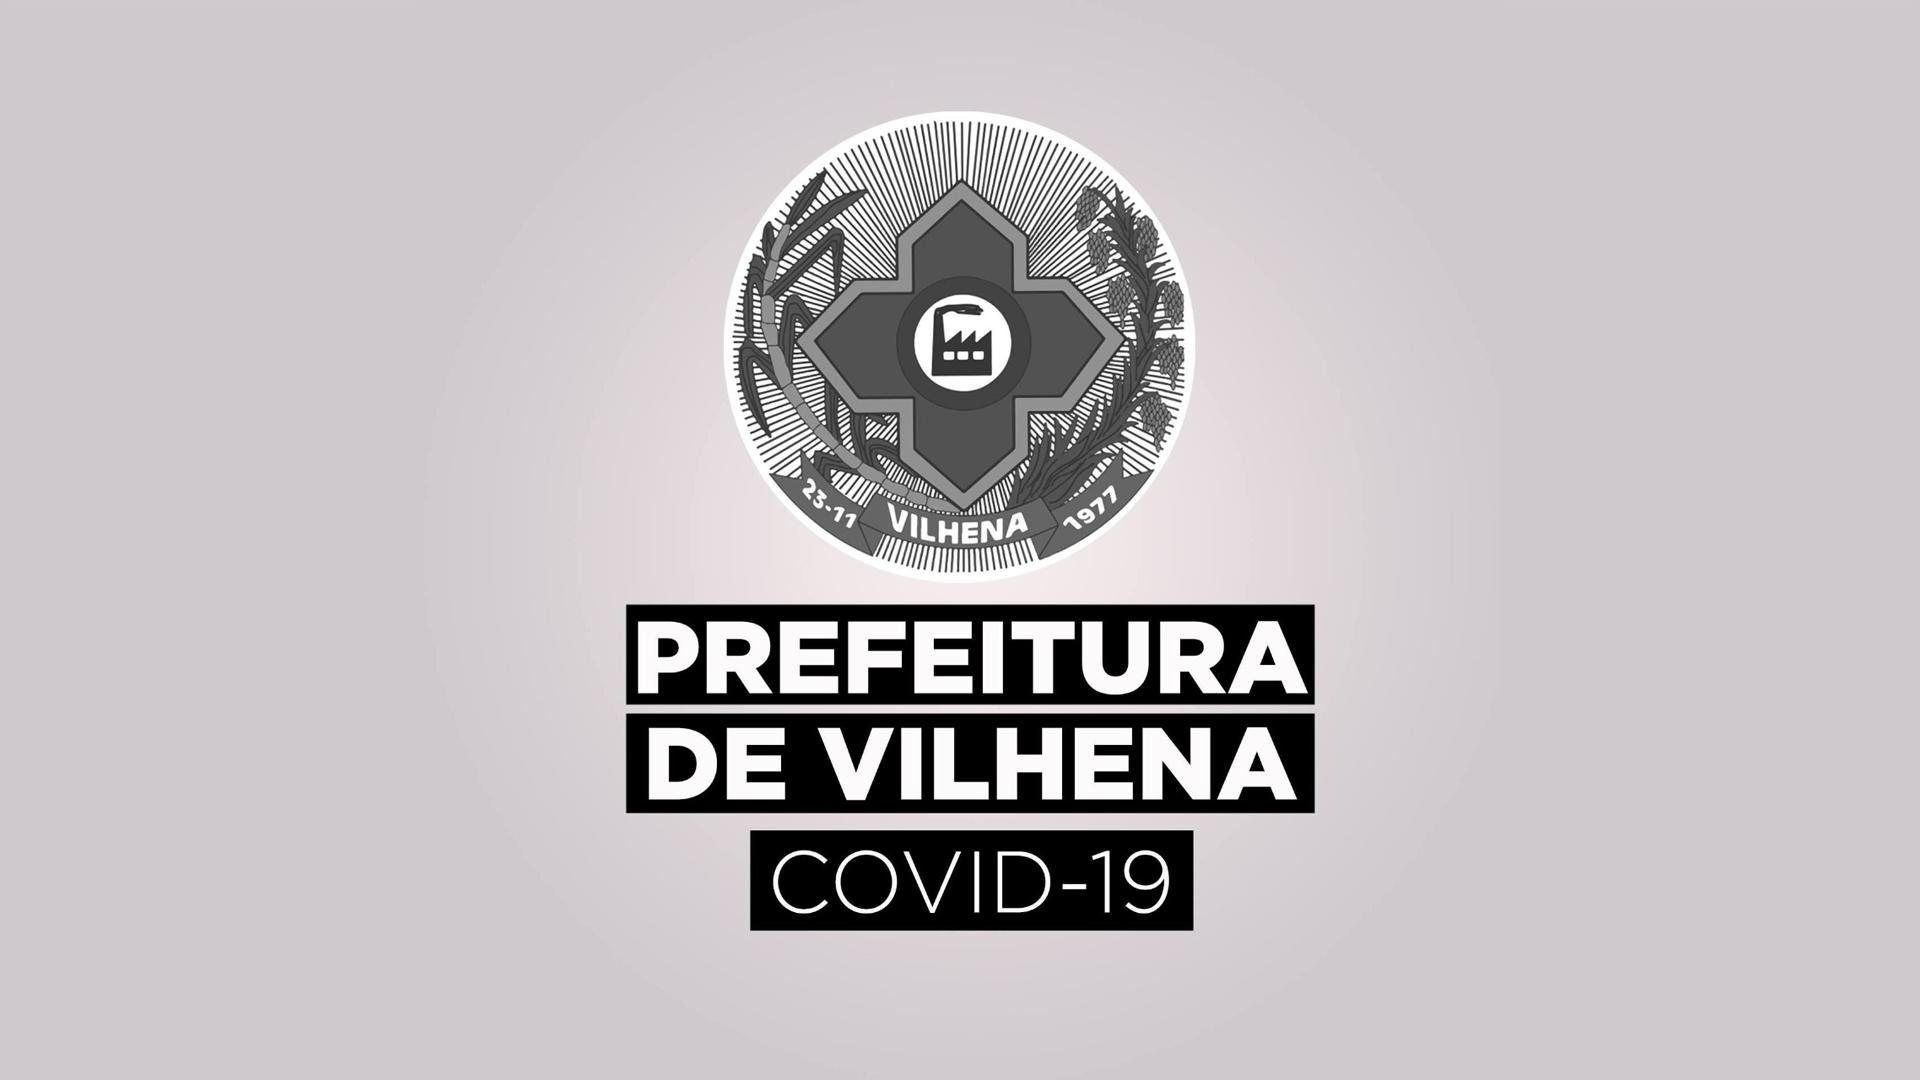 BOLETIM PMV Nº 546 - 12/09/21 CORONAVÍRUS (COVID-19)